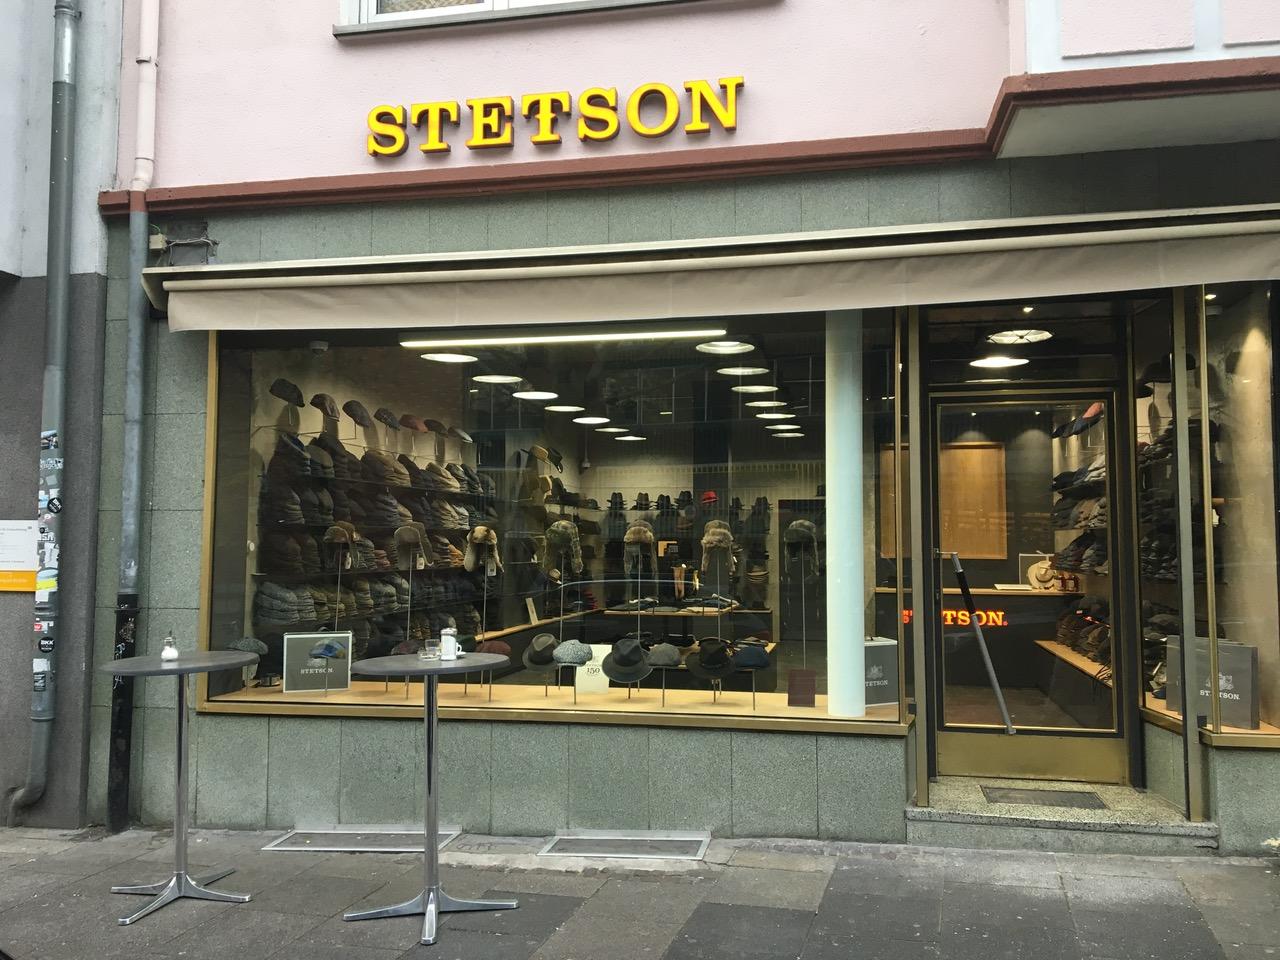 01e13a63f8710 Journal Frankfurt Nachrichten - Stetson Store feiert Eröffnung - Der ...